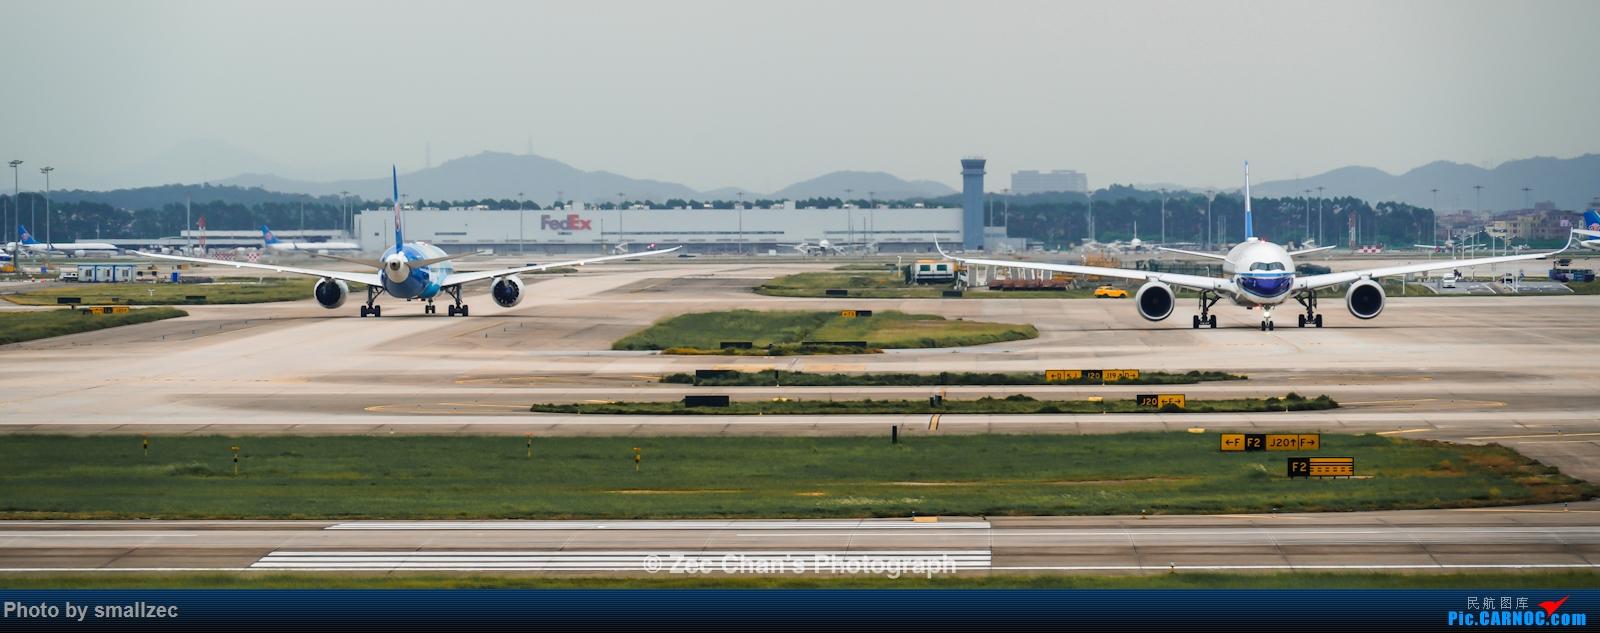 Re:[原创]【CAN】久违了,2020首次西跑拍机集锦 AIRBUS A350-900  中国广州白云国际机场